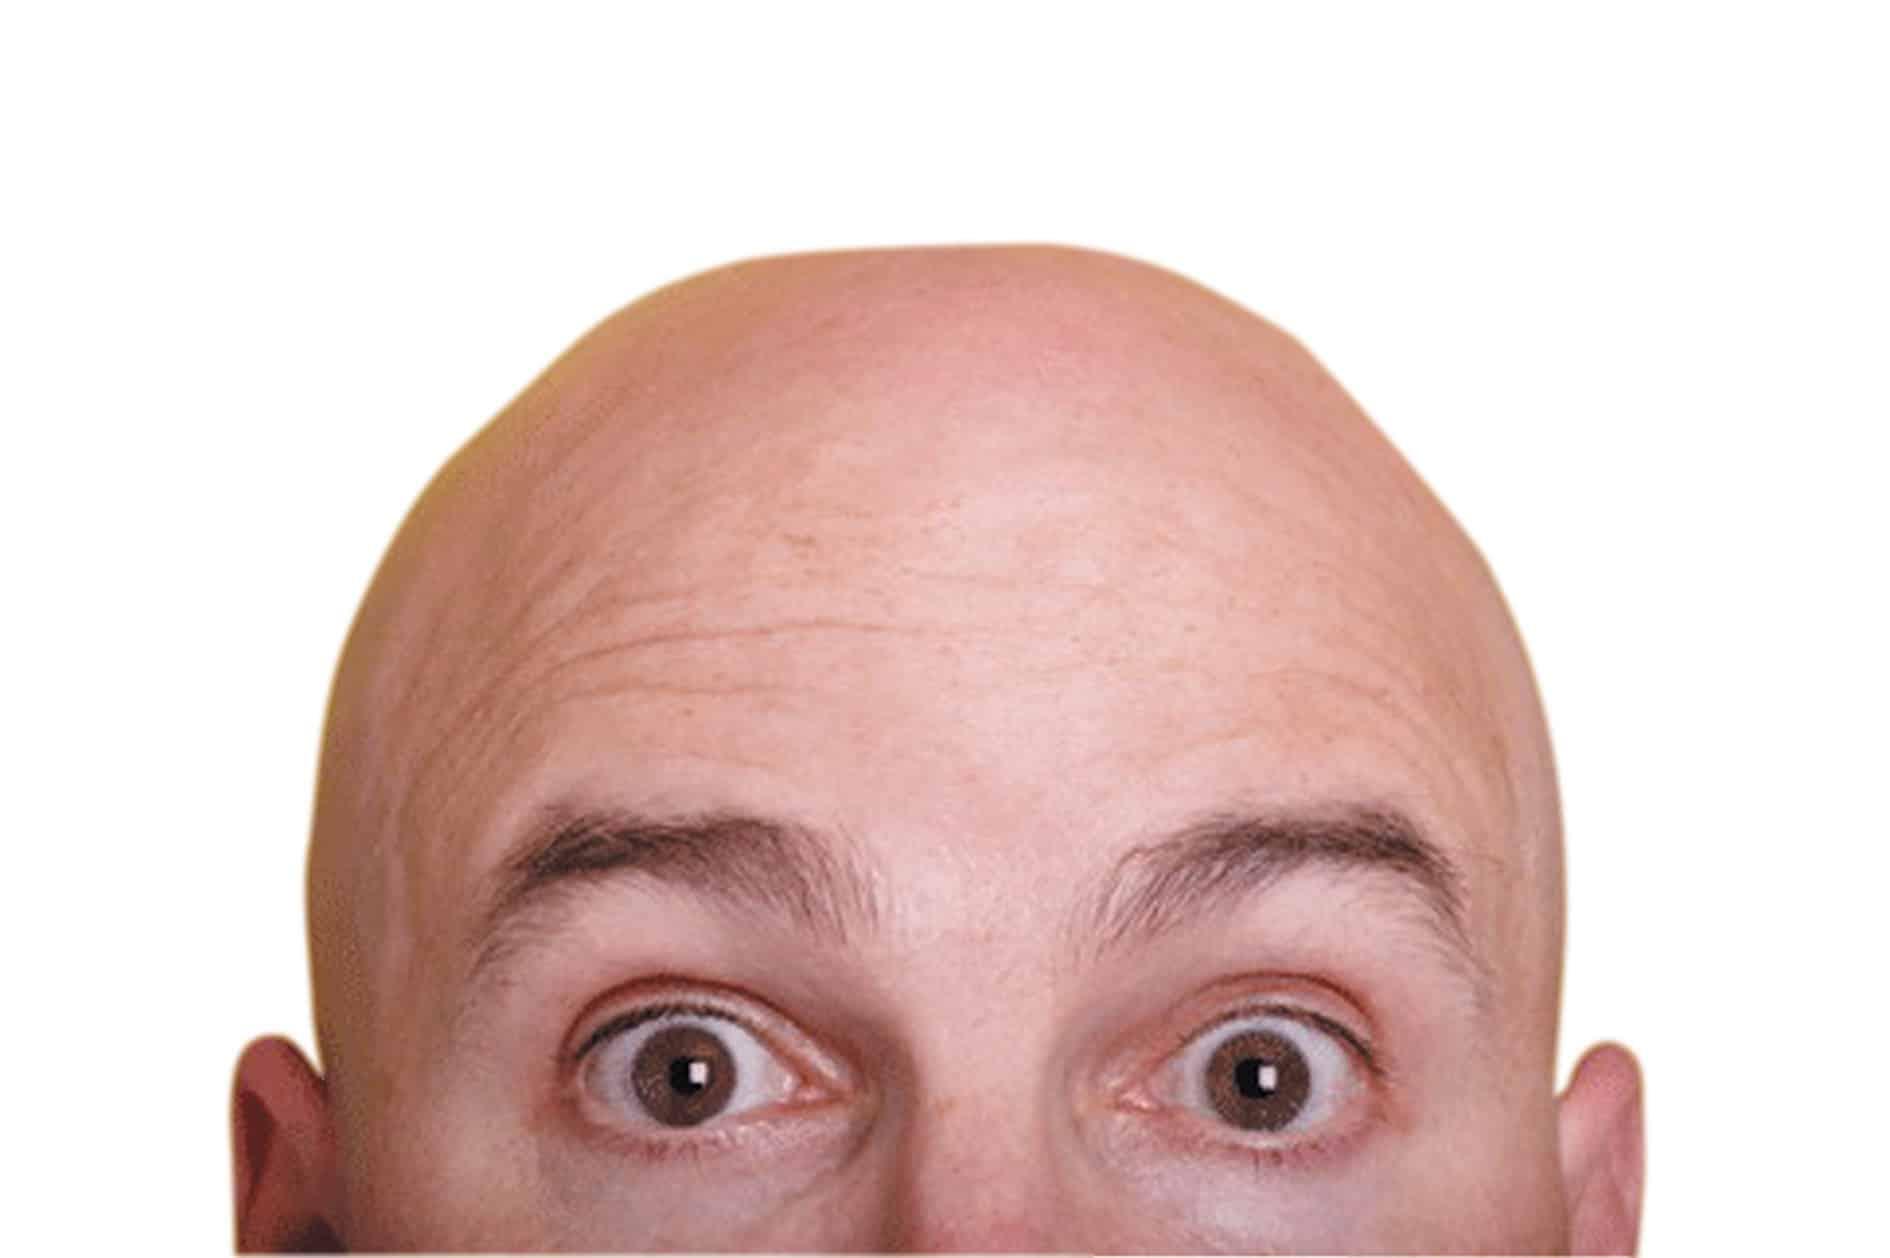 علاج صلع مقدمة الرأس عند الرجال